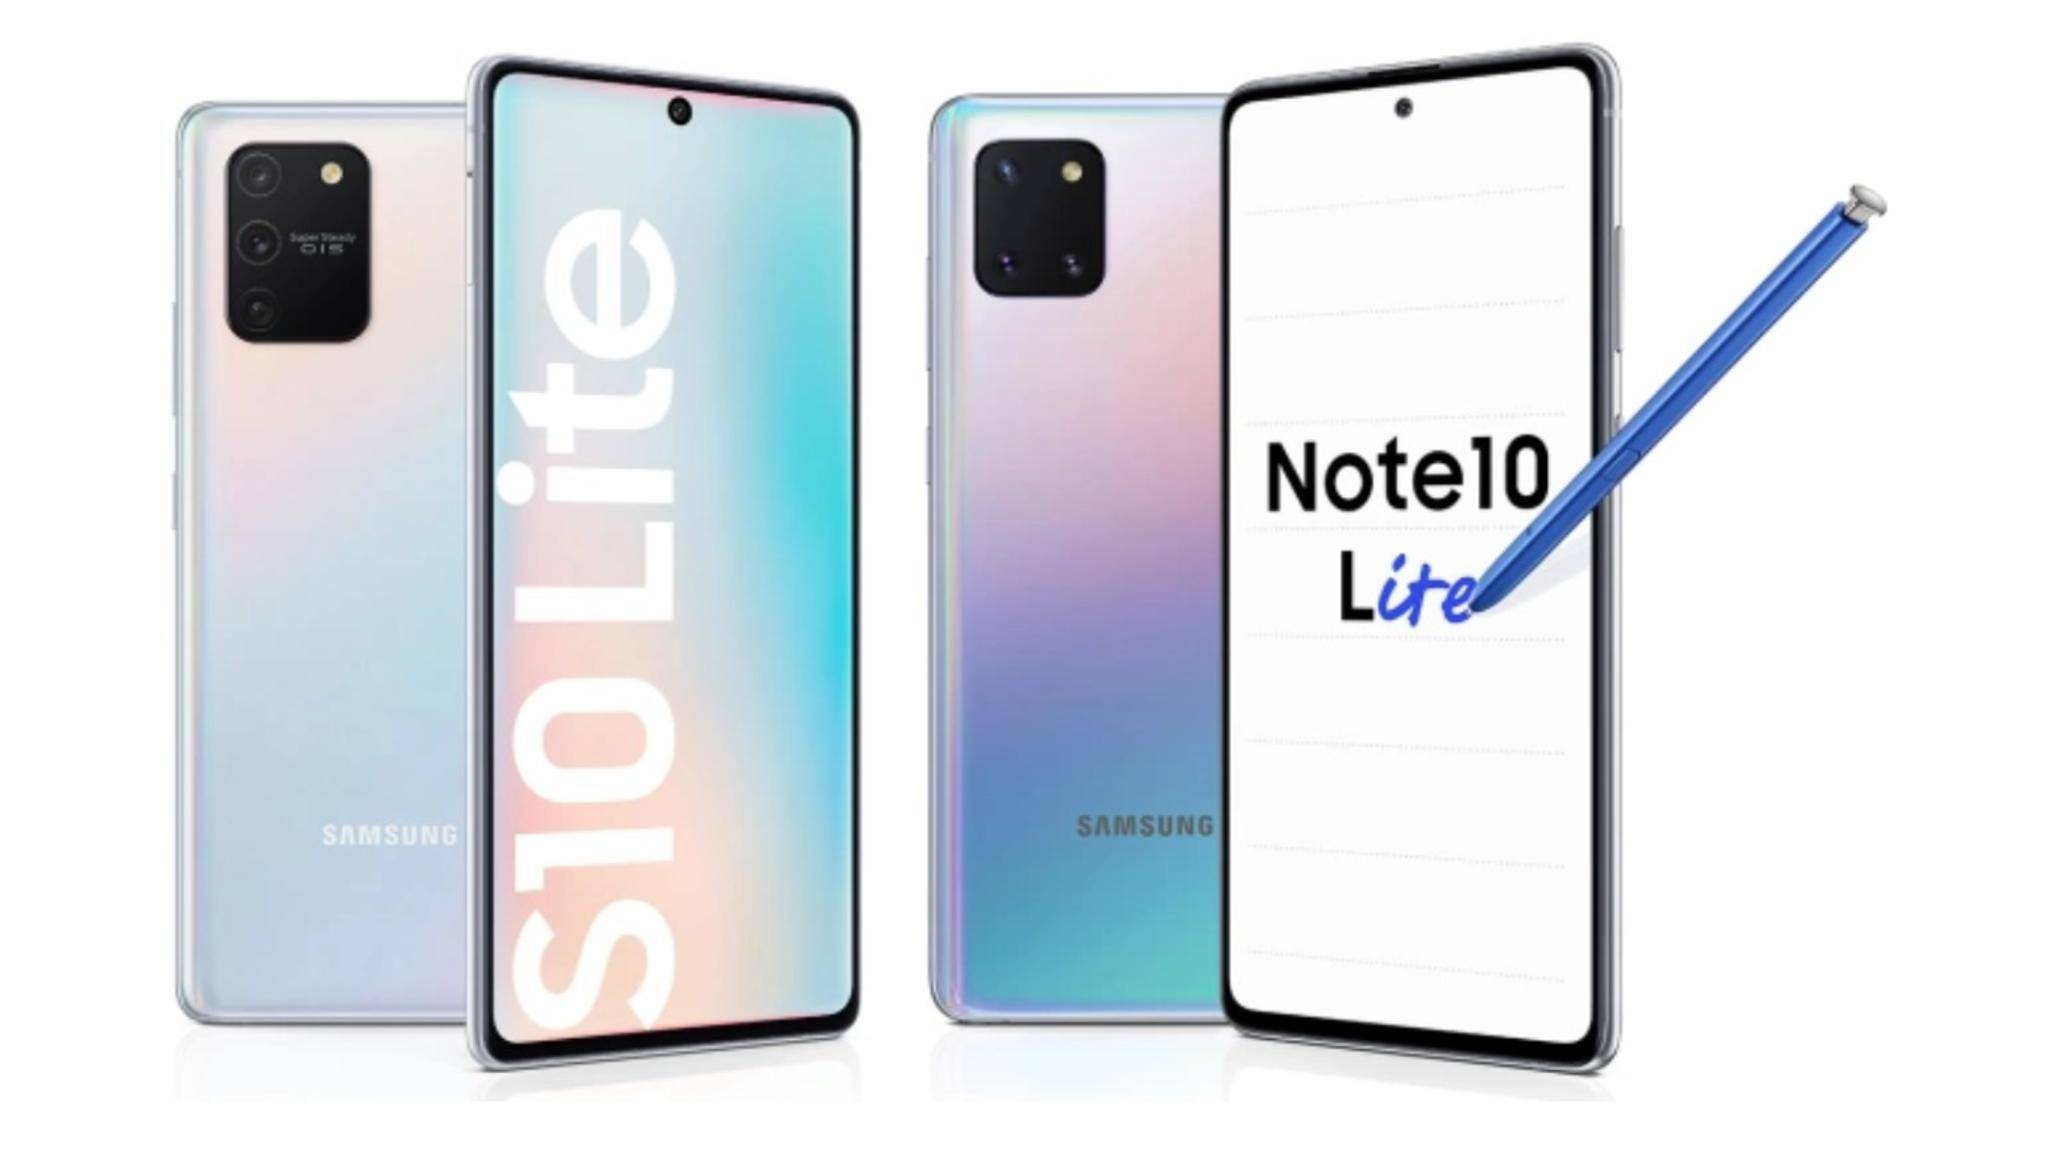 samsung-galaxy-s10-lite-note-10-lite